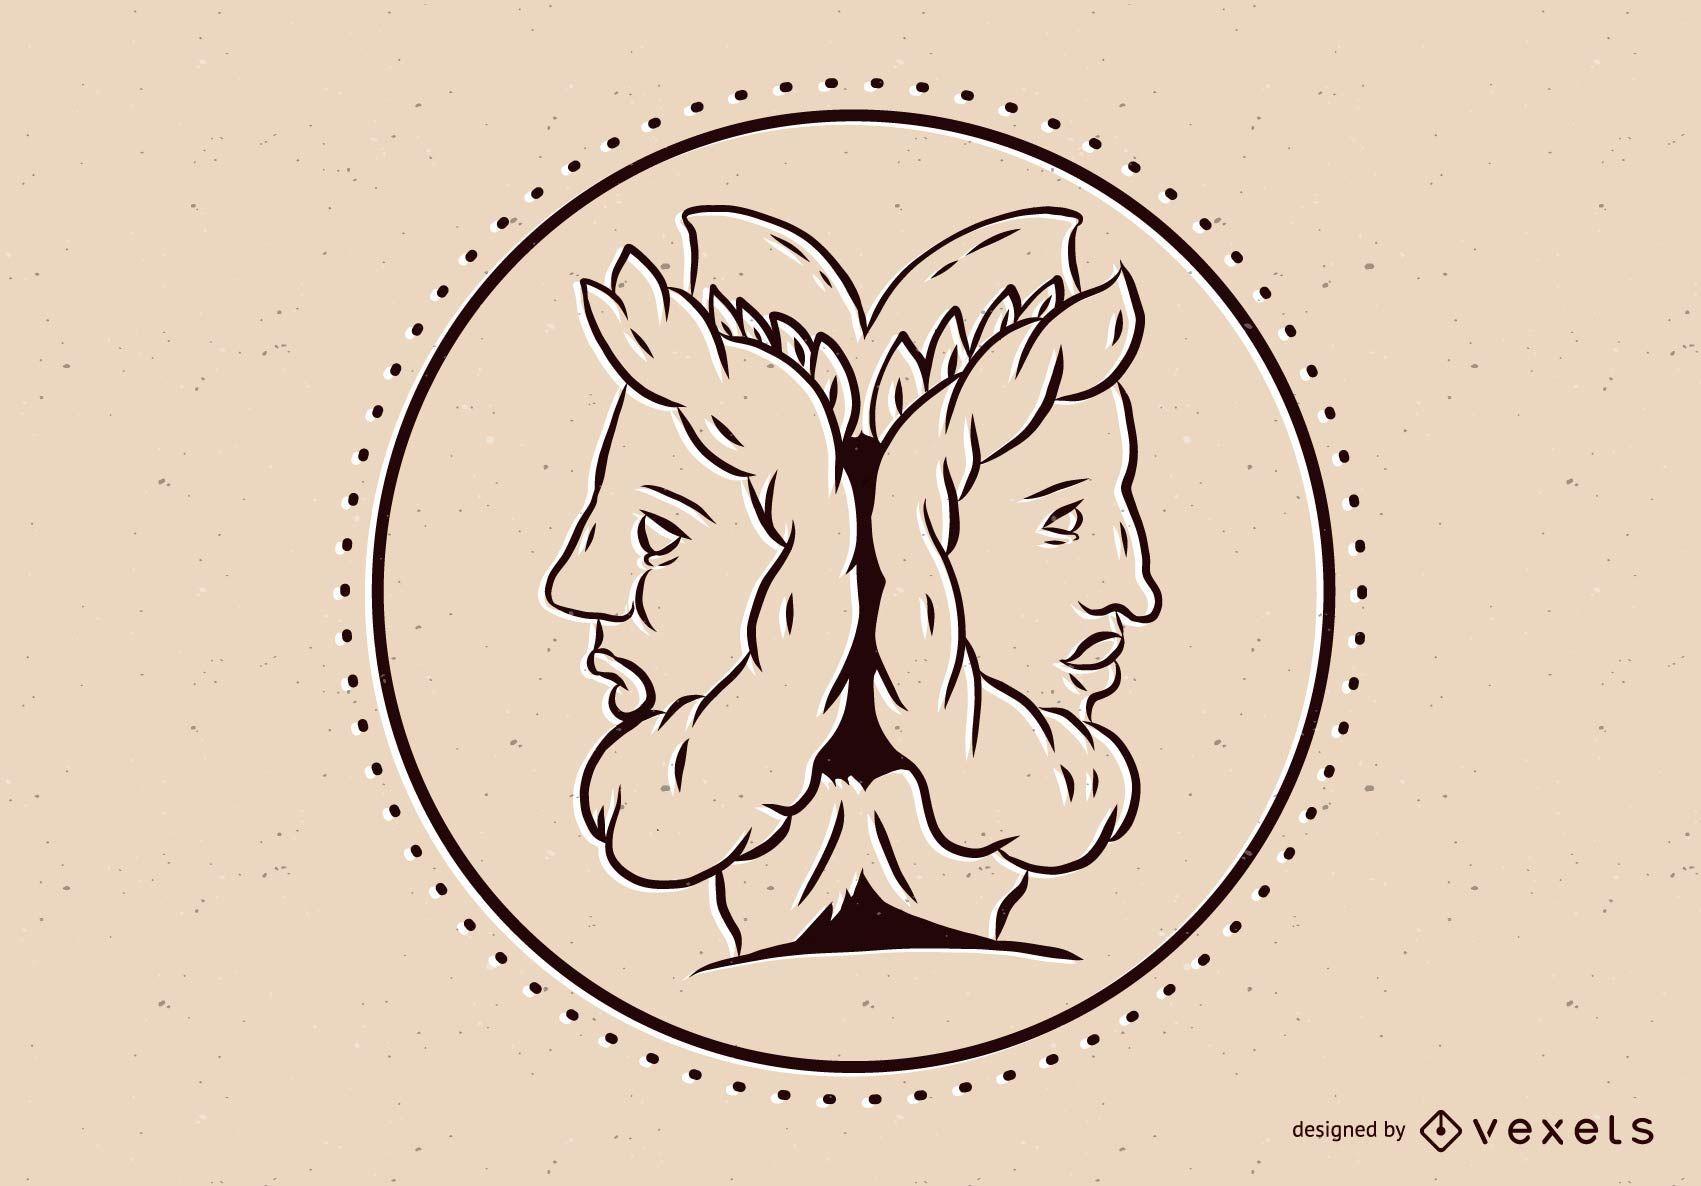 Ilustración del dios griego Janus